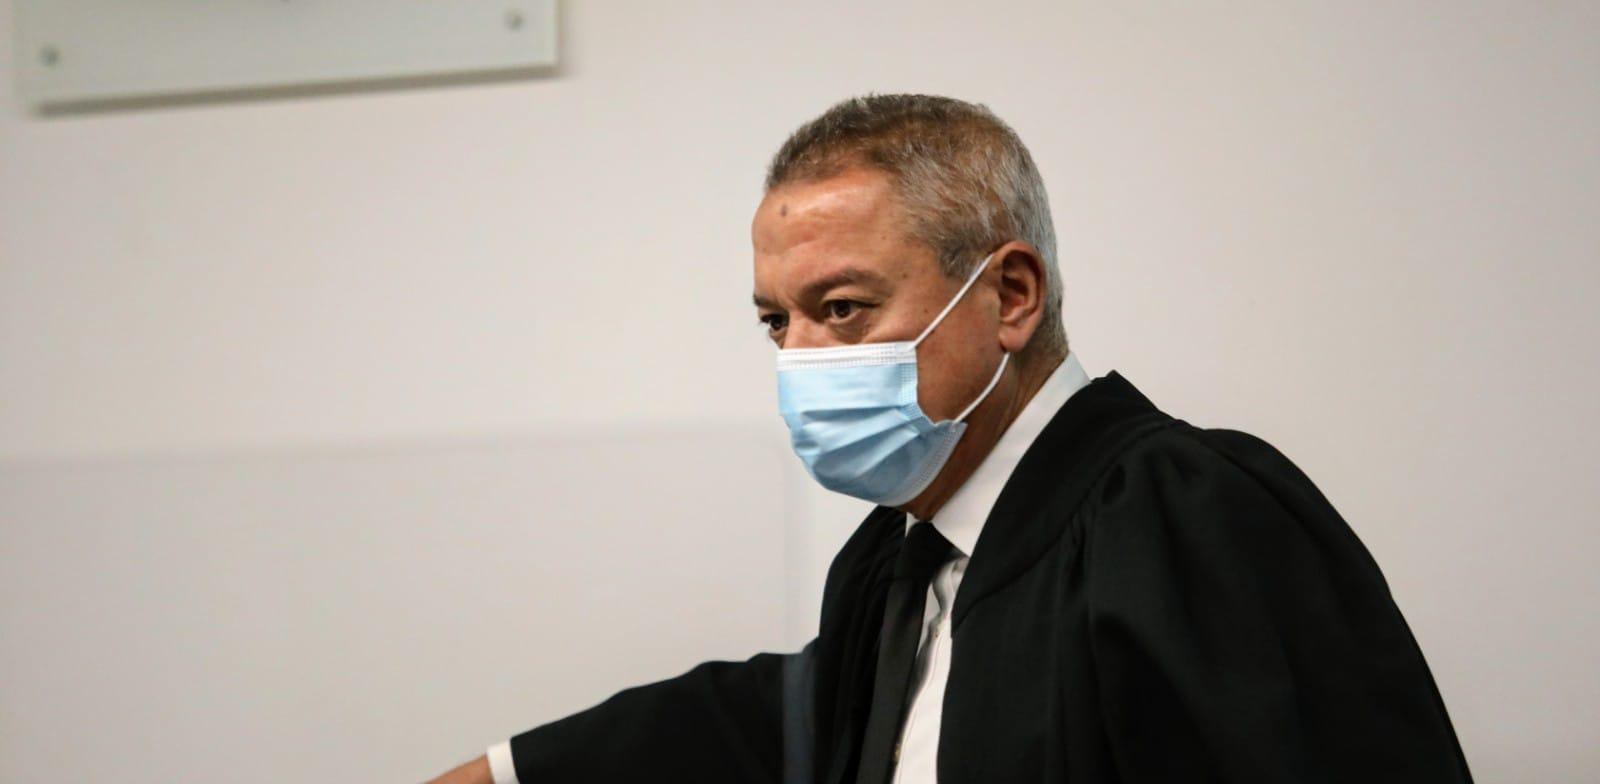 השופט חאלד כבוב בדיון של אמיר ברמלי, היום / צילום: שלומי יוסף